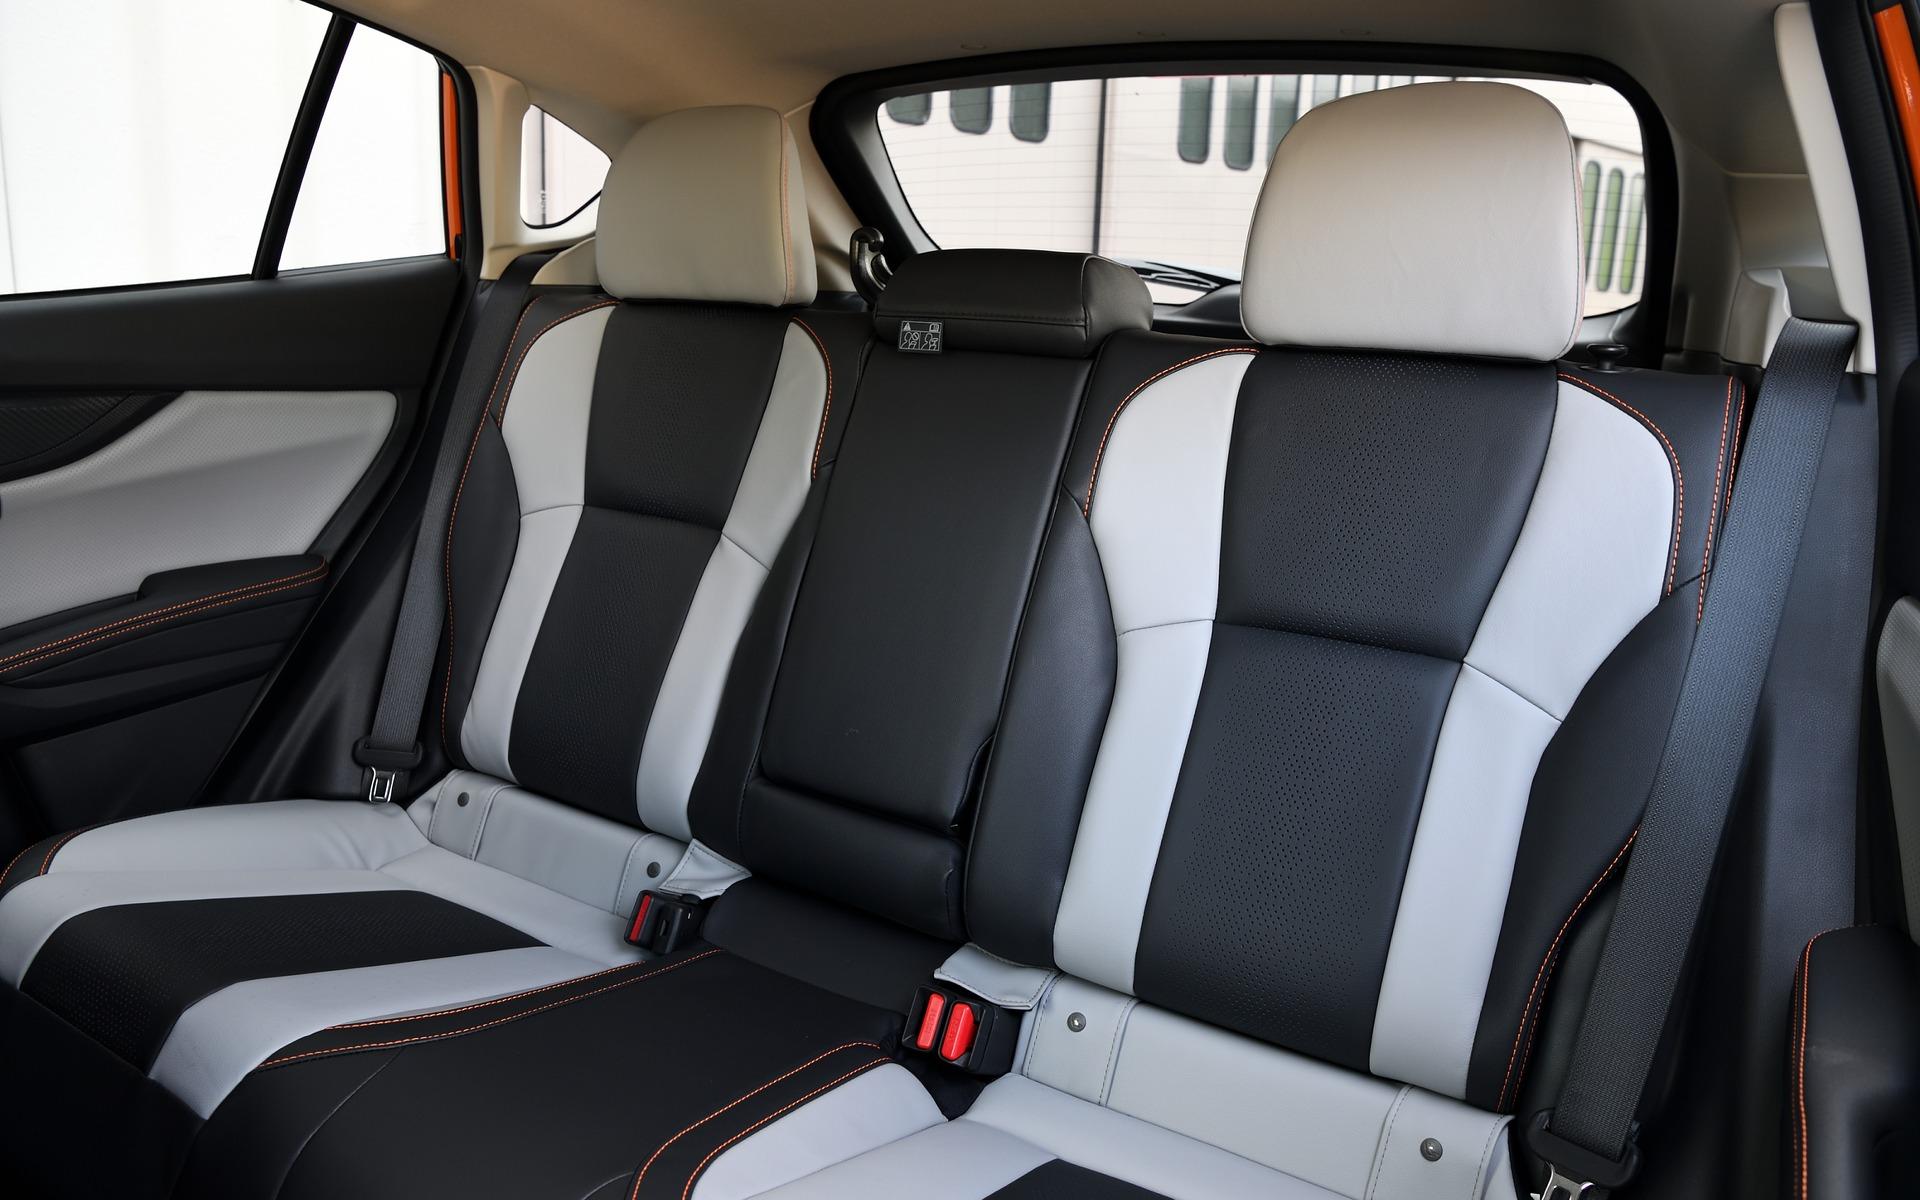 <p>Subaru Crosstrek 2018 - Places arri&egrave;re de la version Limited.</p>